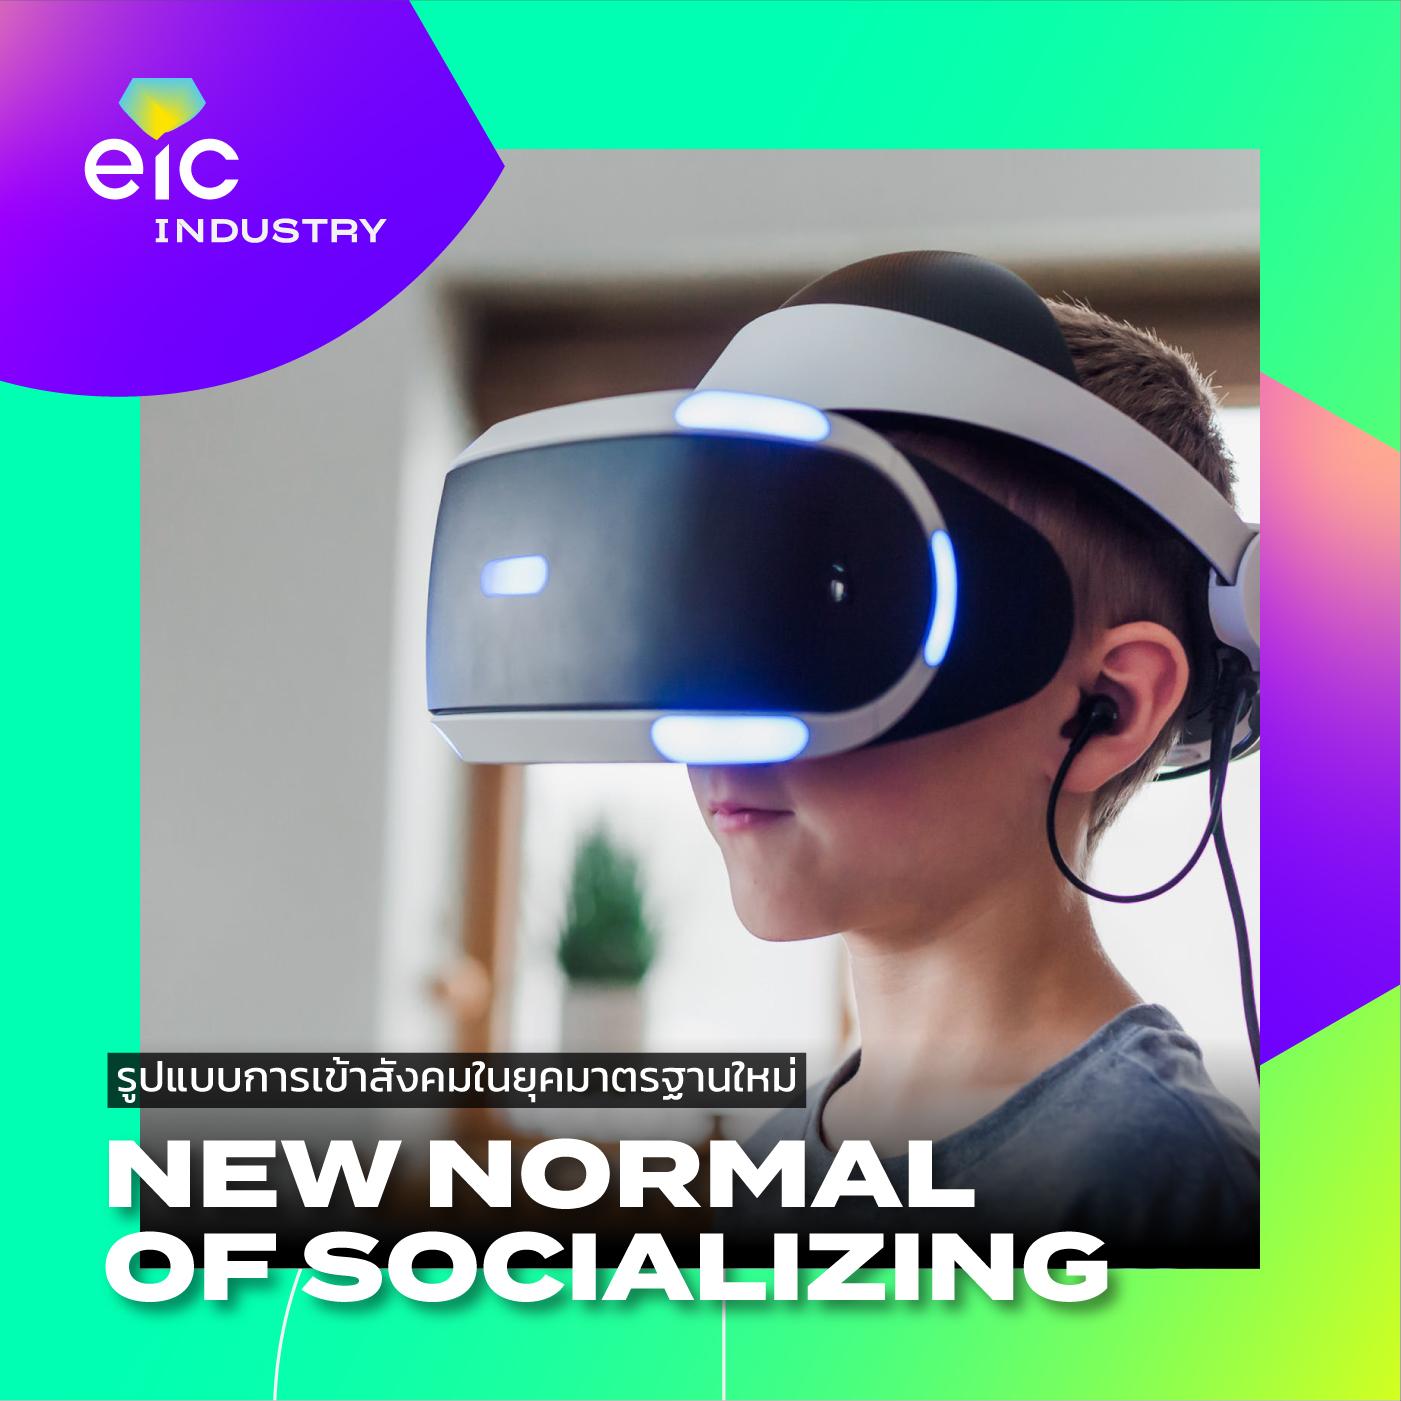 การเข้าสังคมของยุคมาตรฐานใหม่ รูปแบบ NEW NORMAL